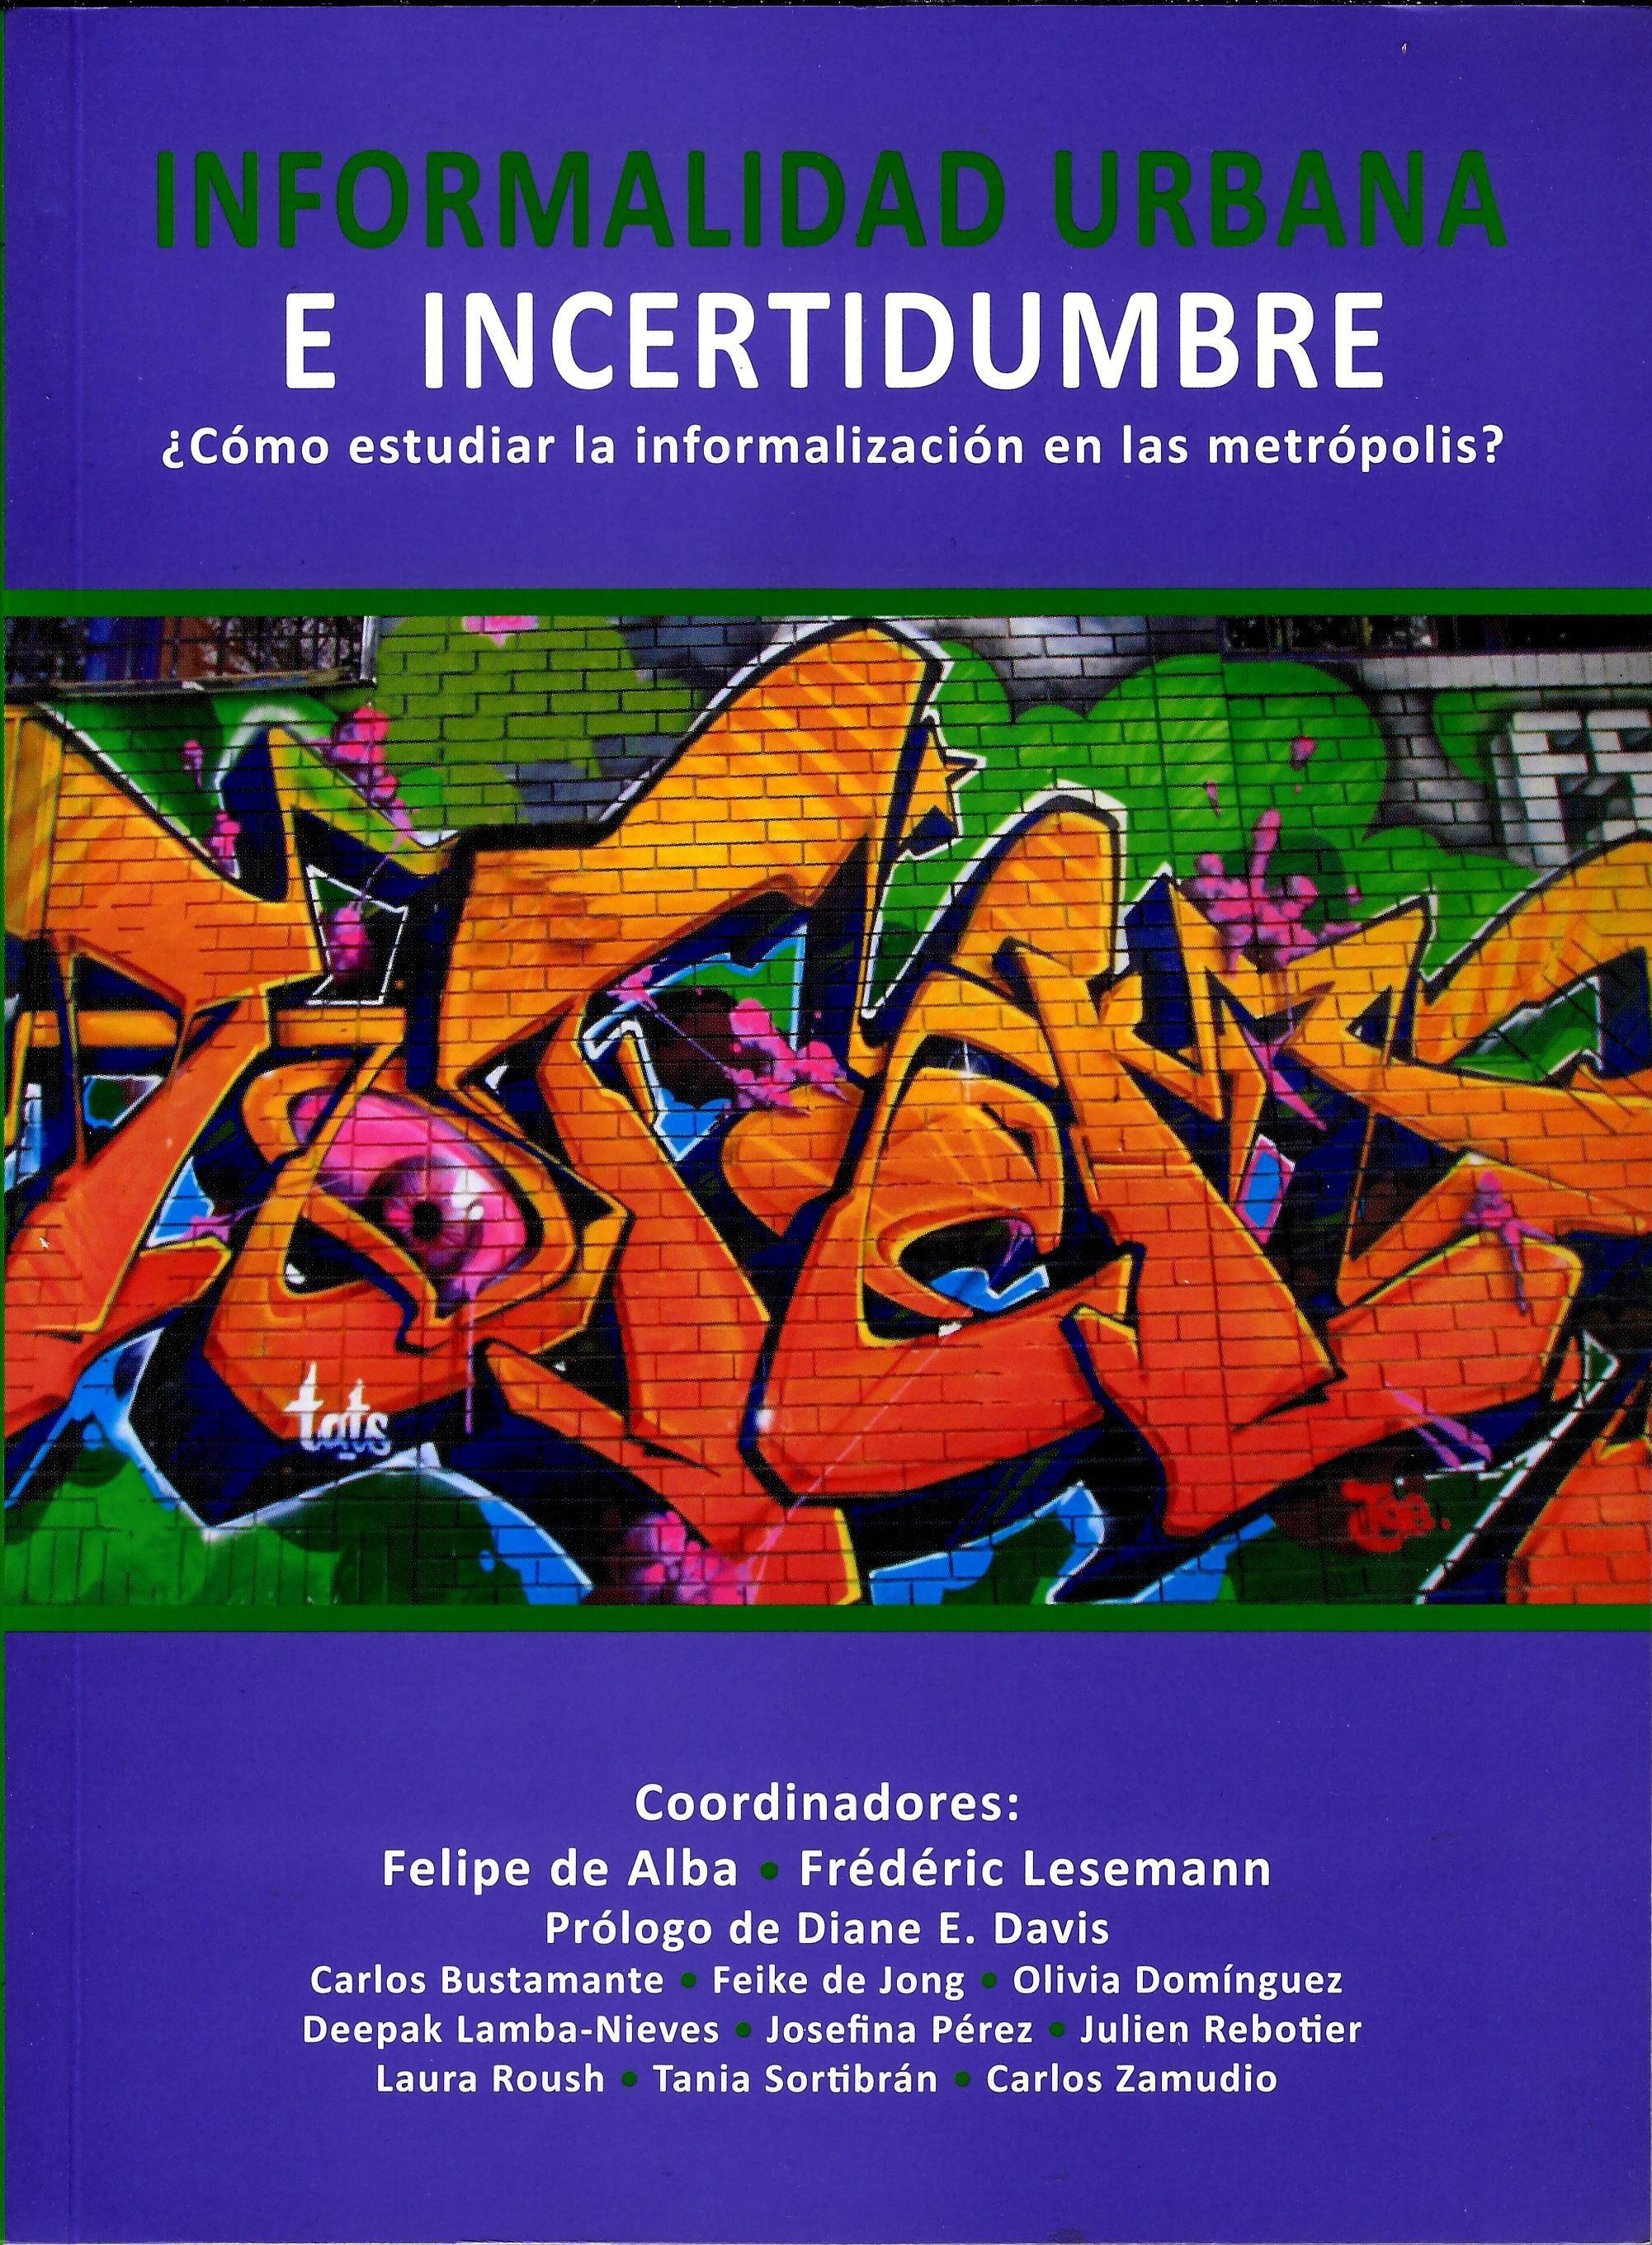 Informalidad urbana e incertidumbre